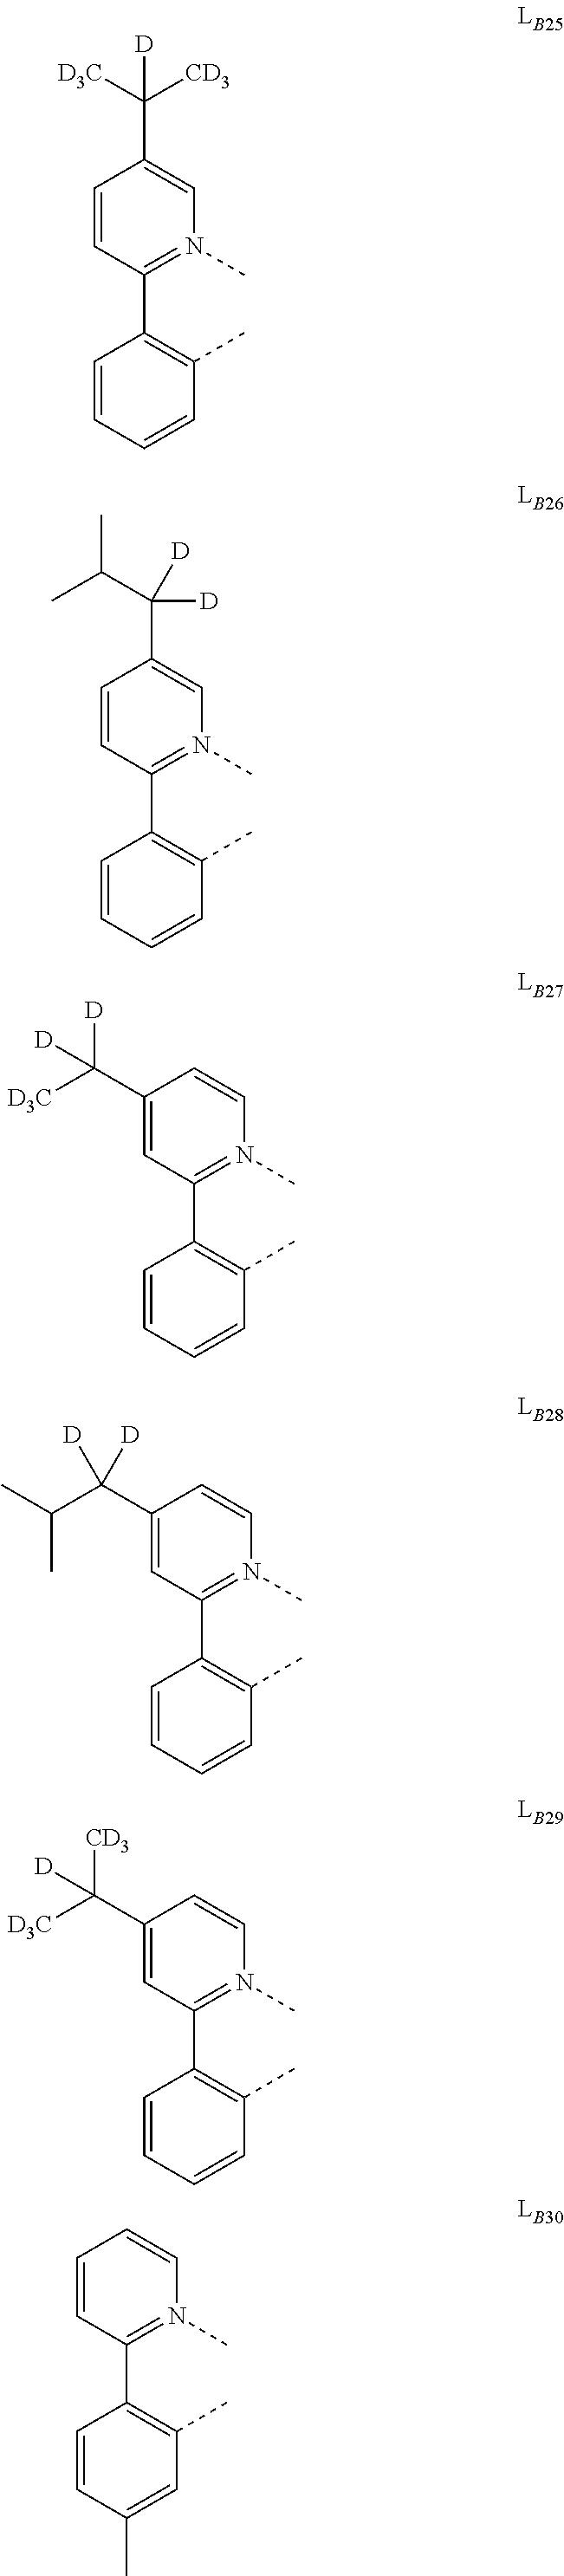 Figure US20180130962A1-20180510-C00265